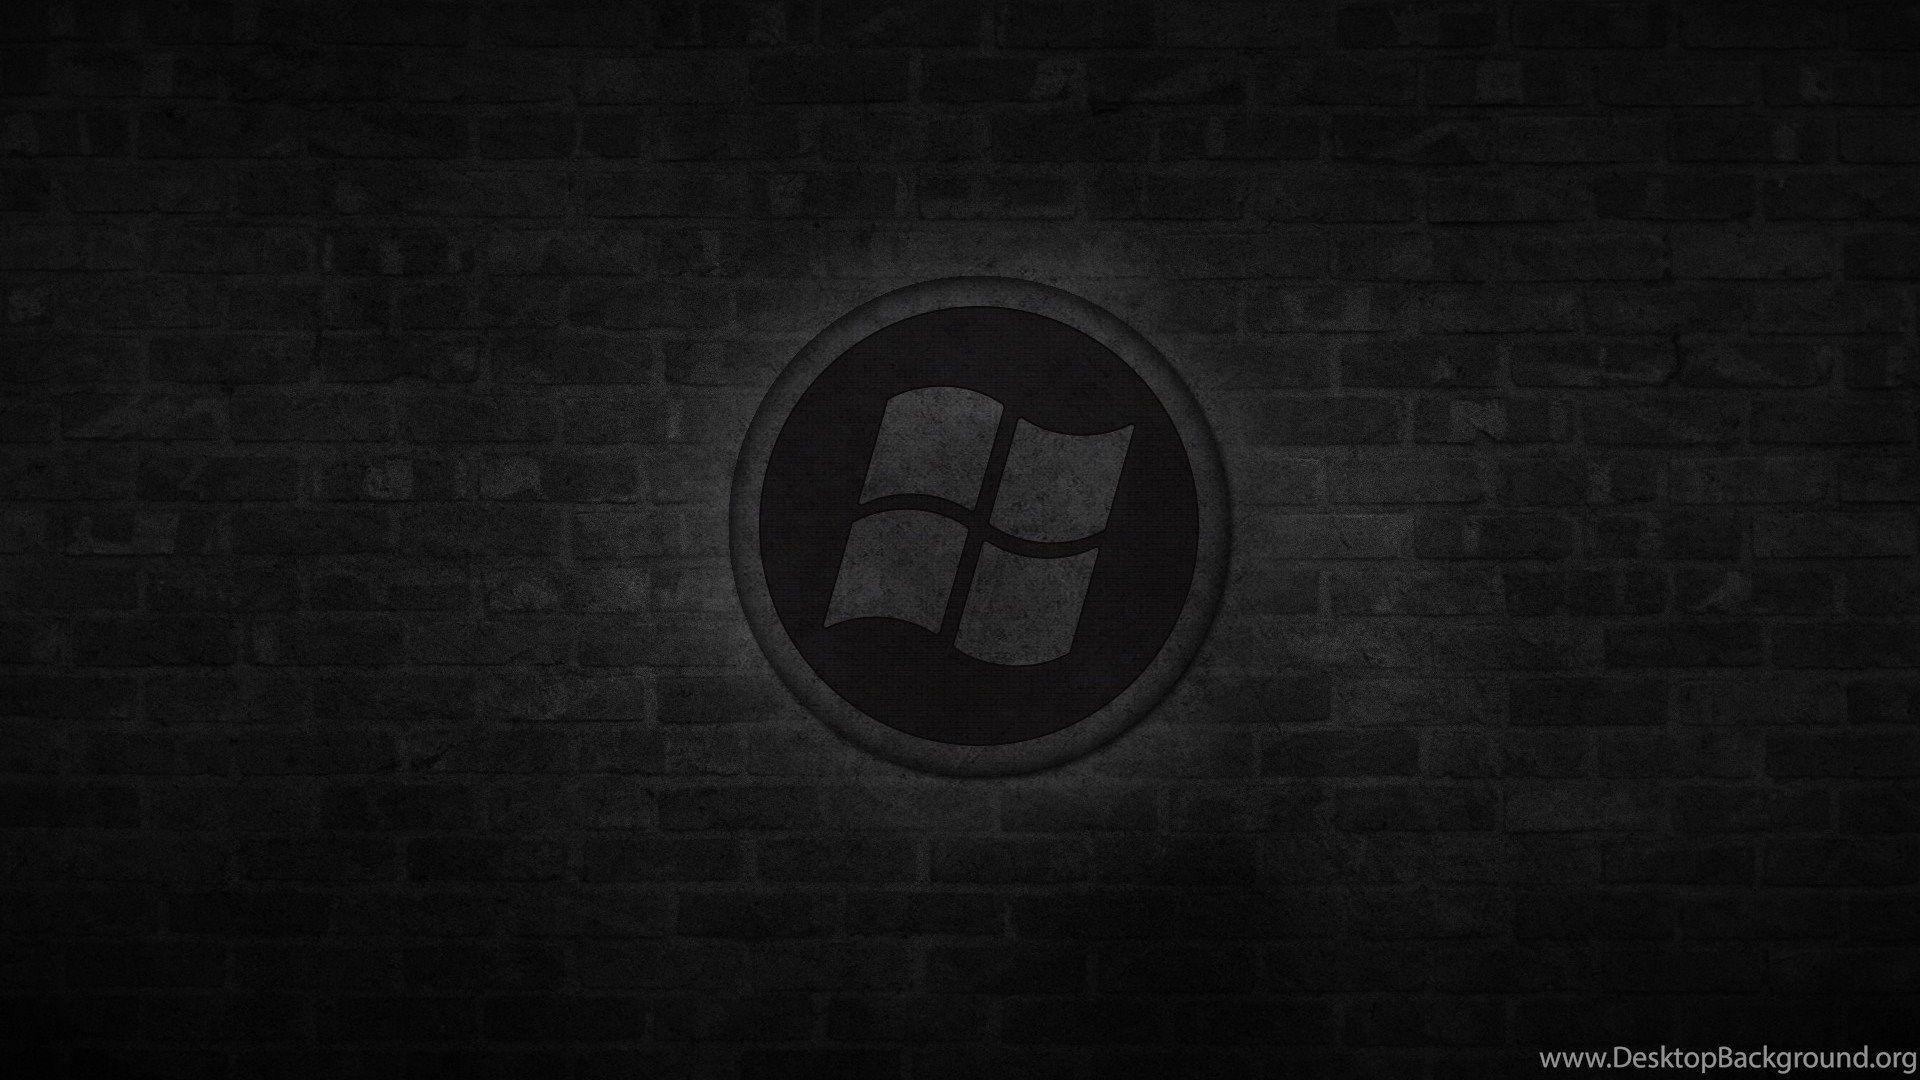 Black Windows Logo Wallpapers Top Free Black Windows Logo